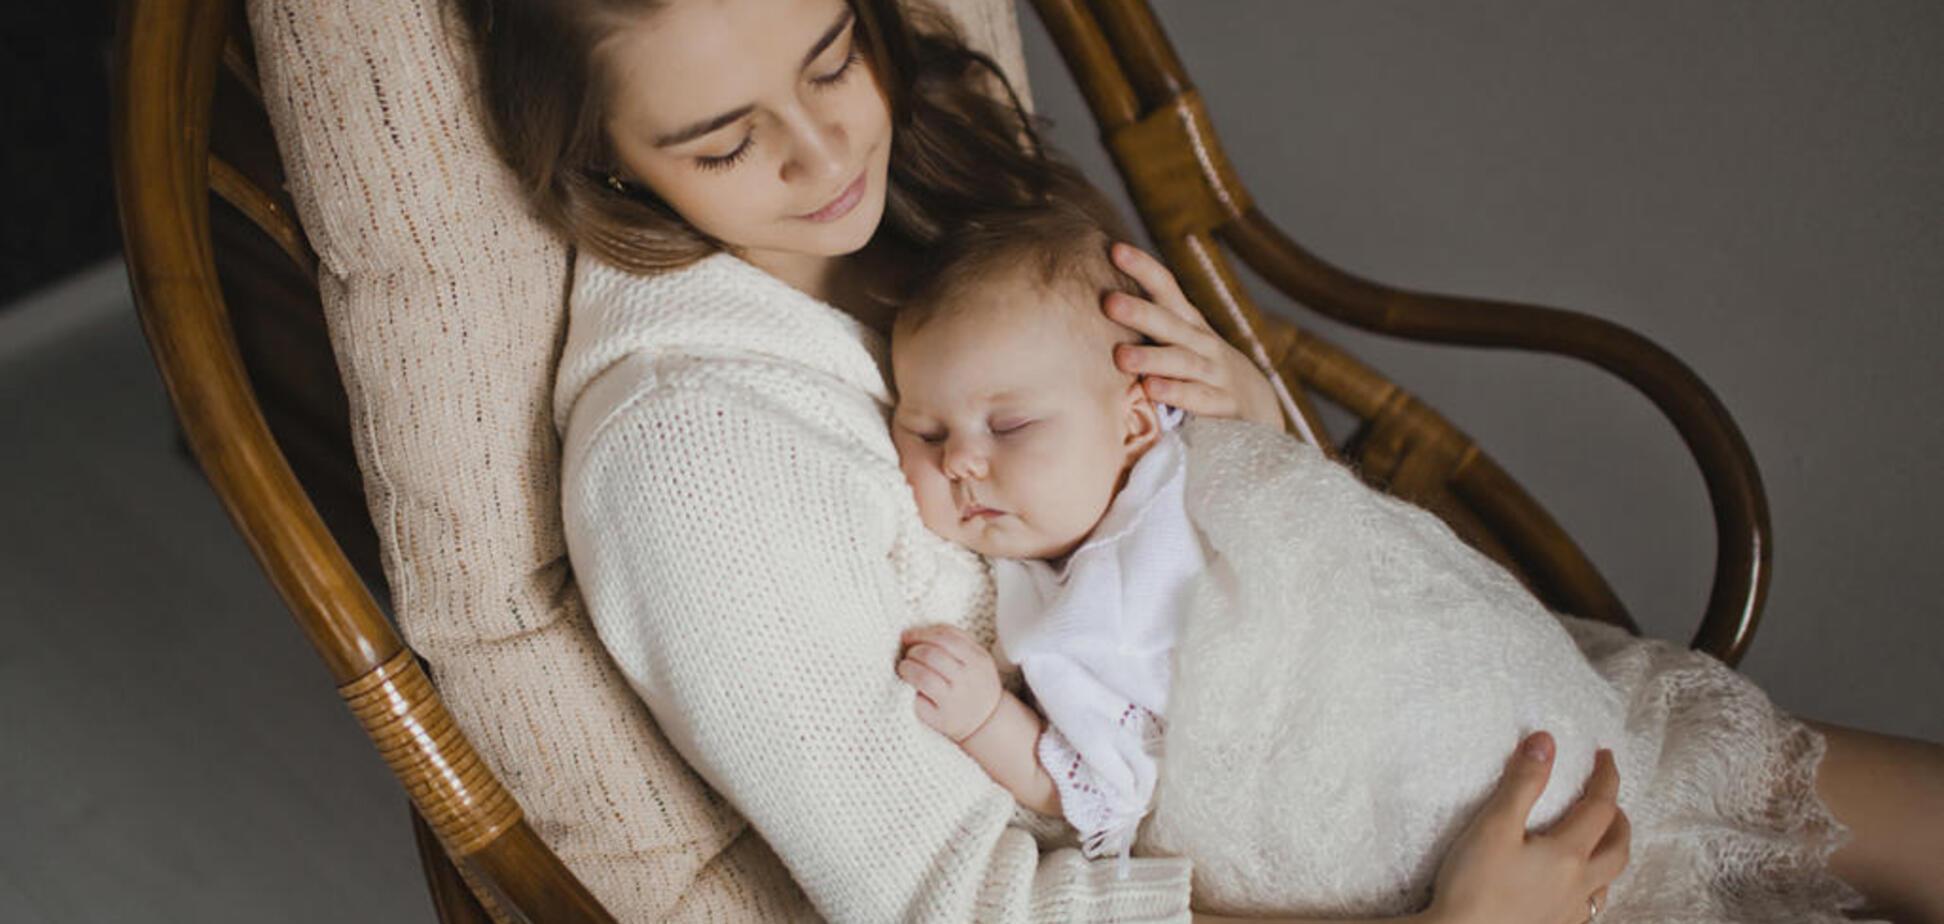 Колыбельные для малыша: польза для здоровья ребенка и мамы